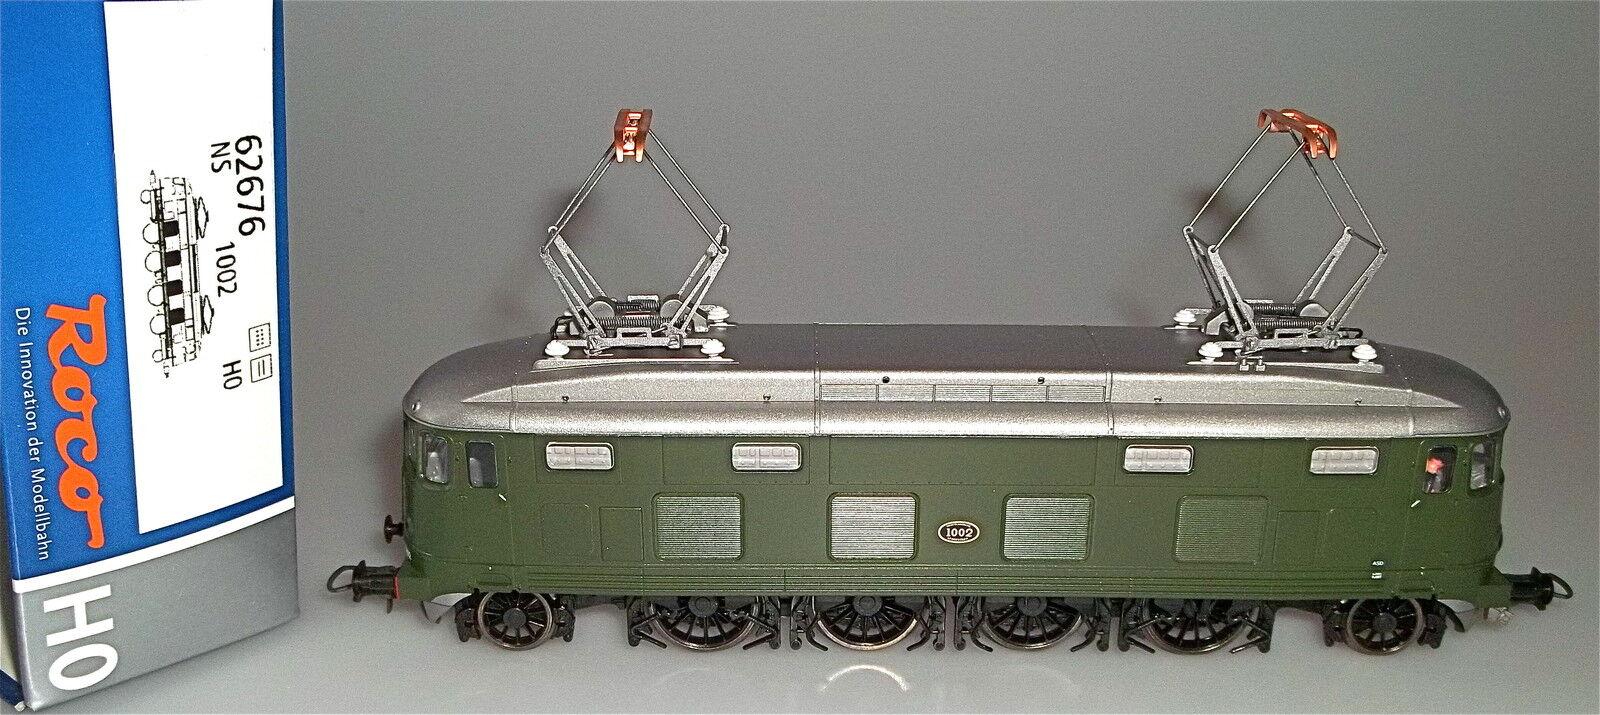 NS Série 1000 green Locomotive Électrique Epiii Roco 62676 H0 1 87